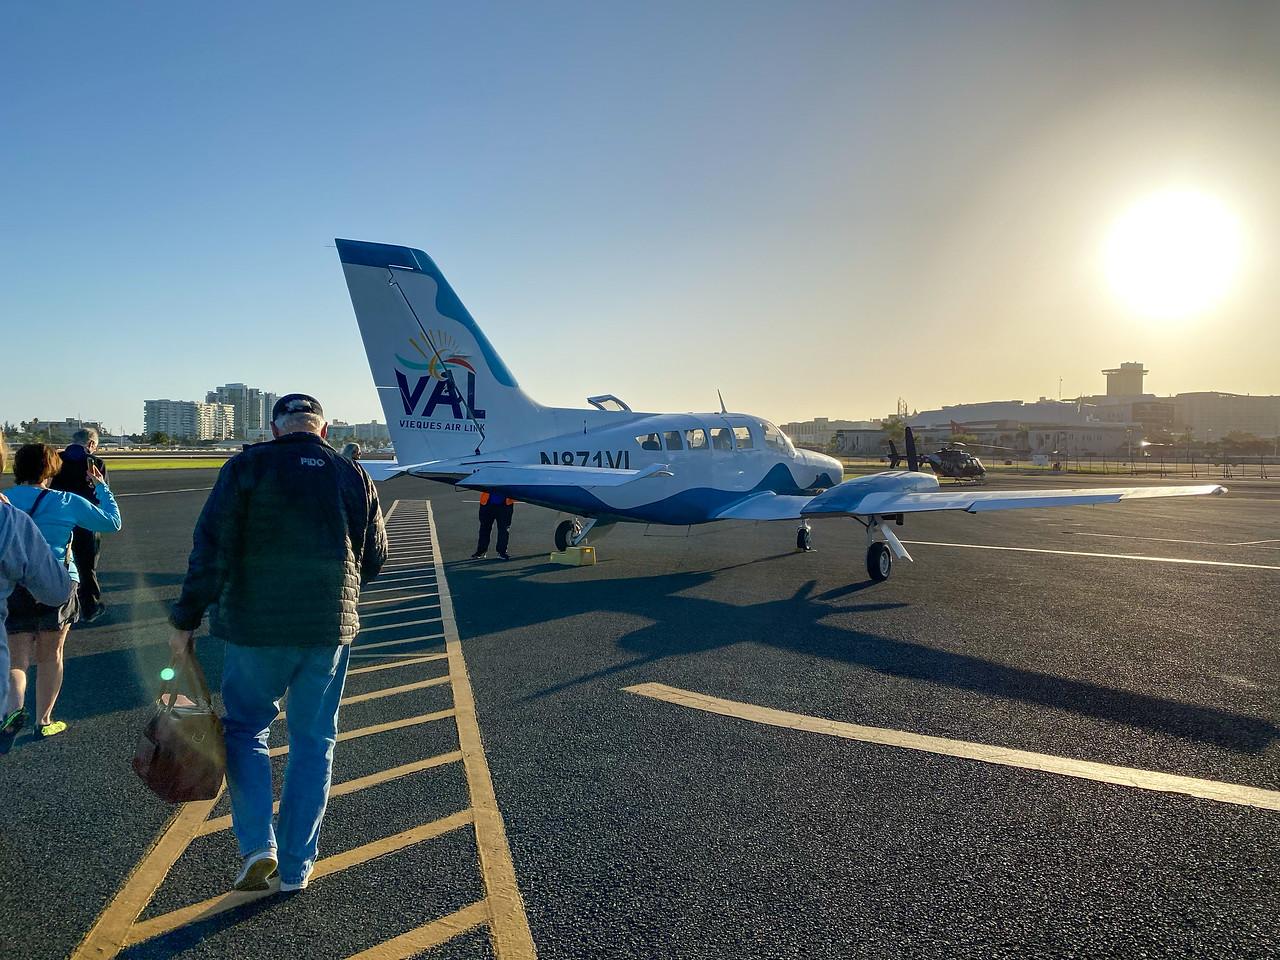 Vieques Air Link plane